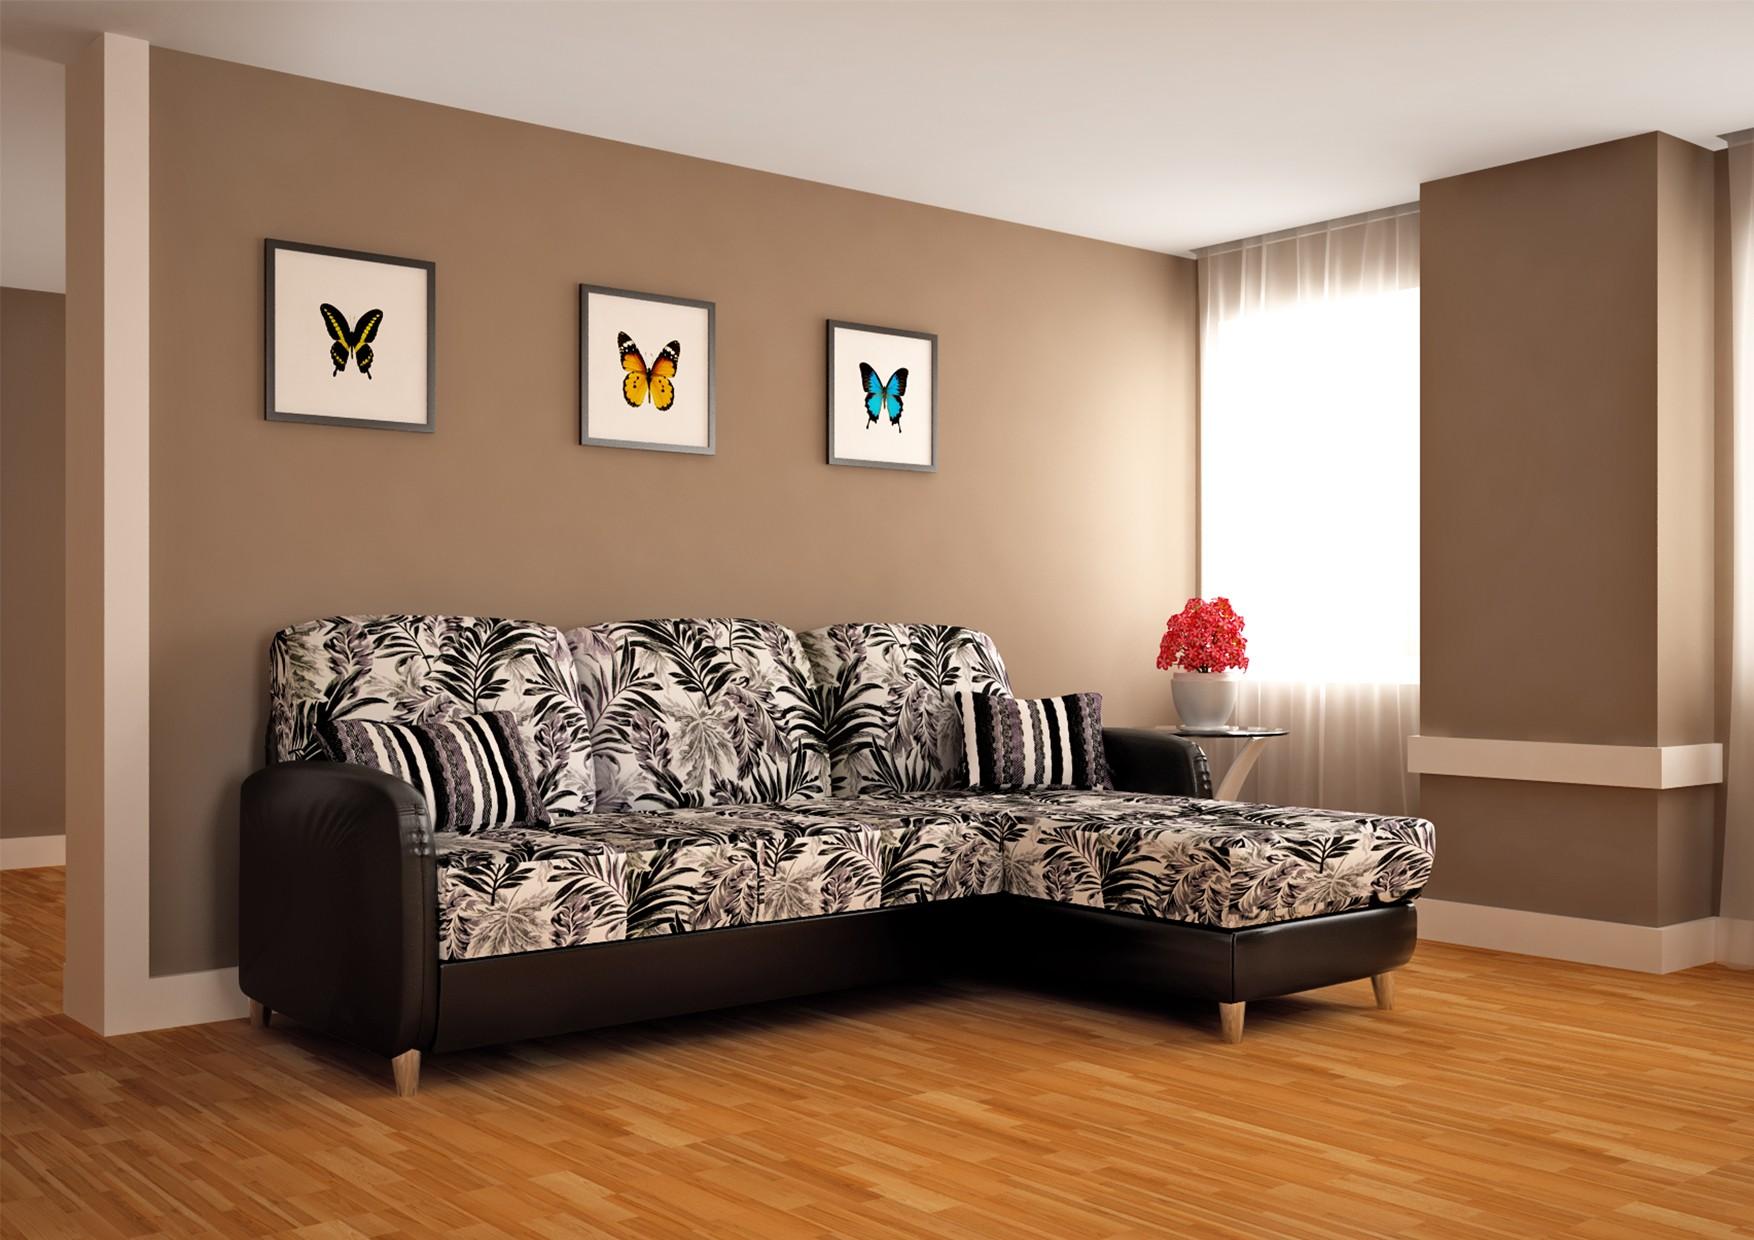 угловой диван с принтом